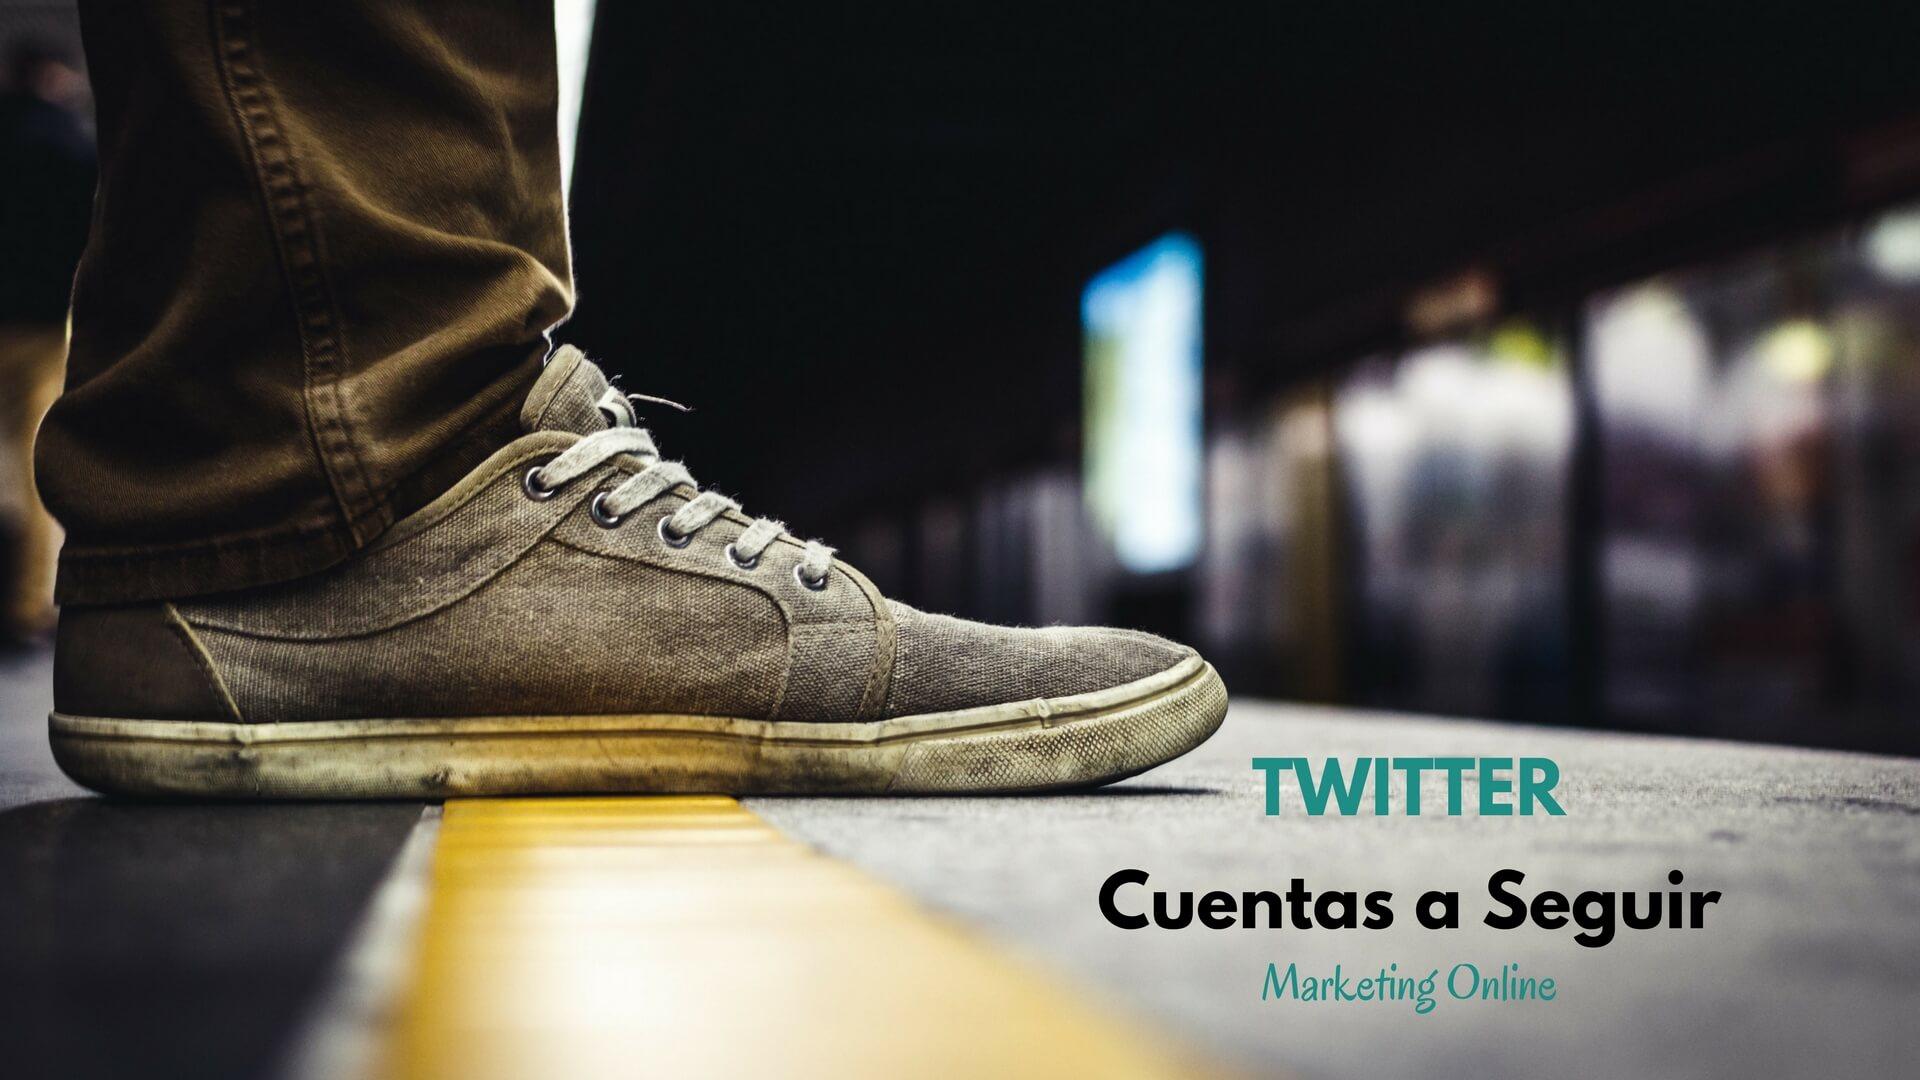 50 cuentas de Twitter de Marketing Online en español interesantes para seguir